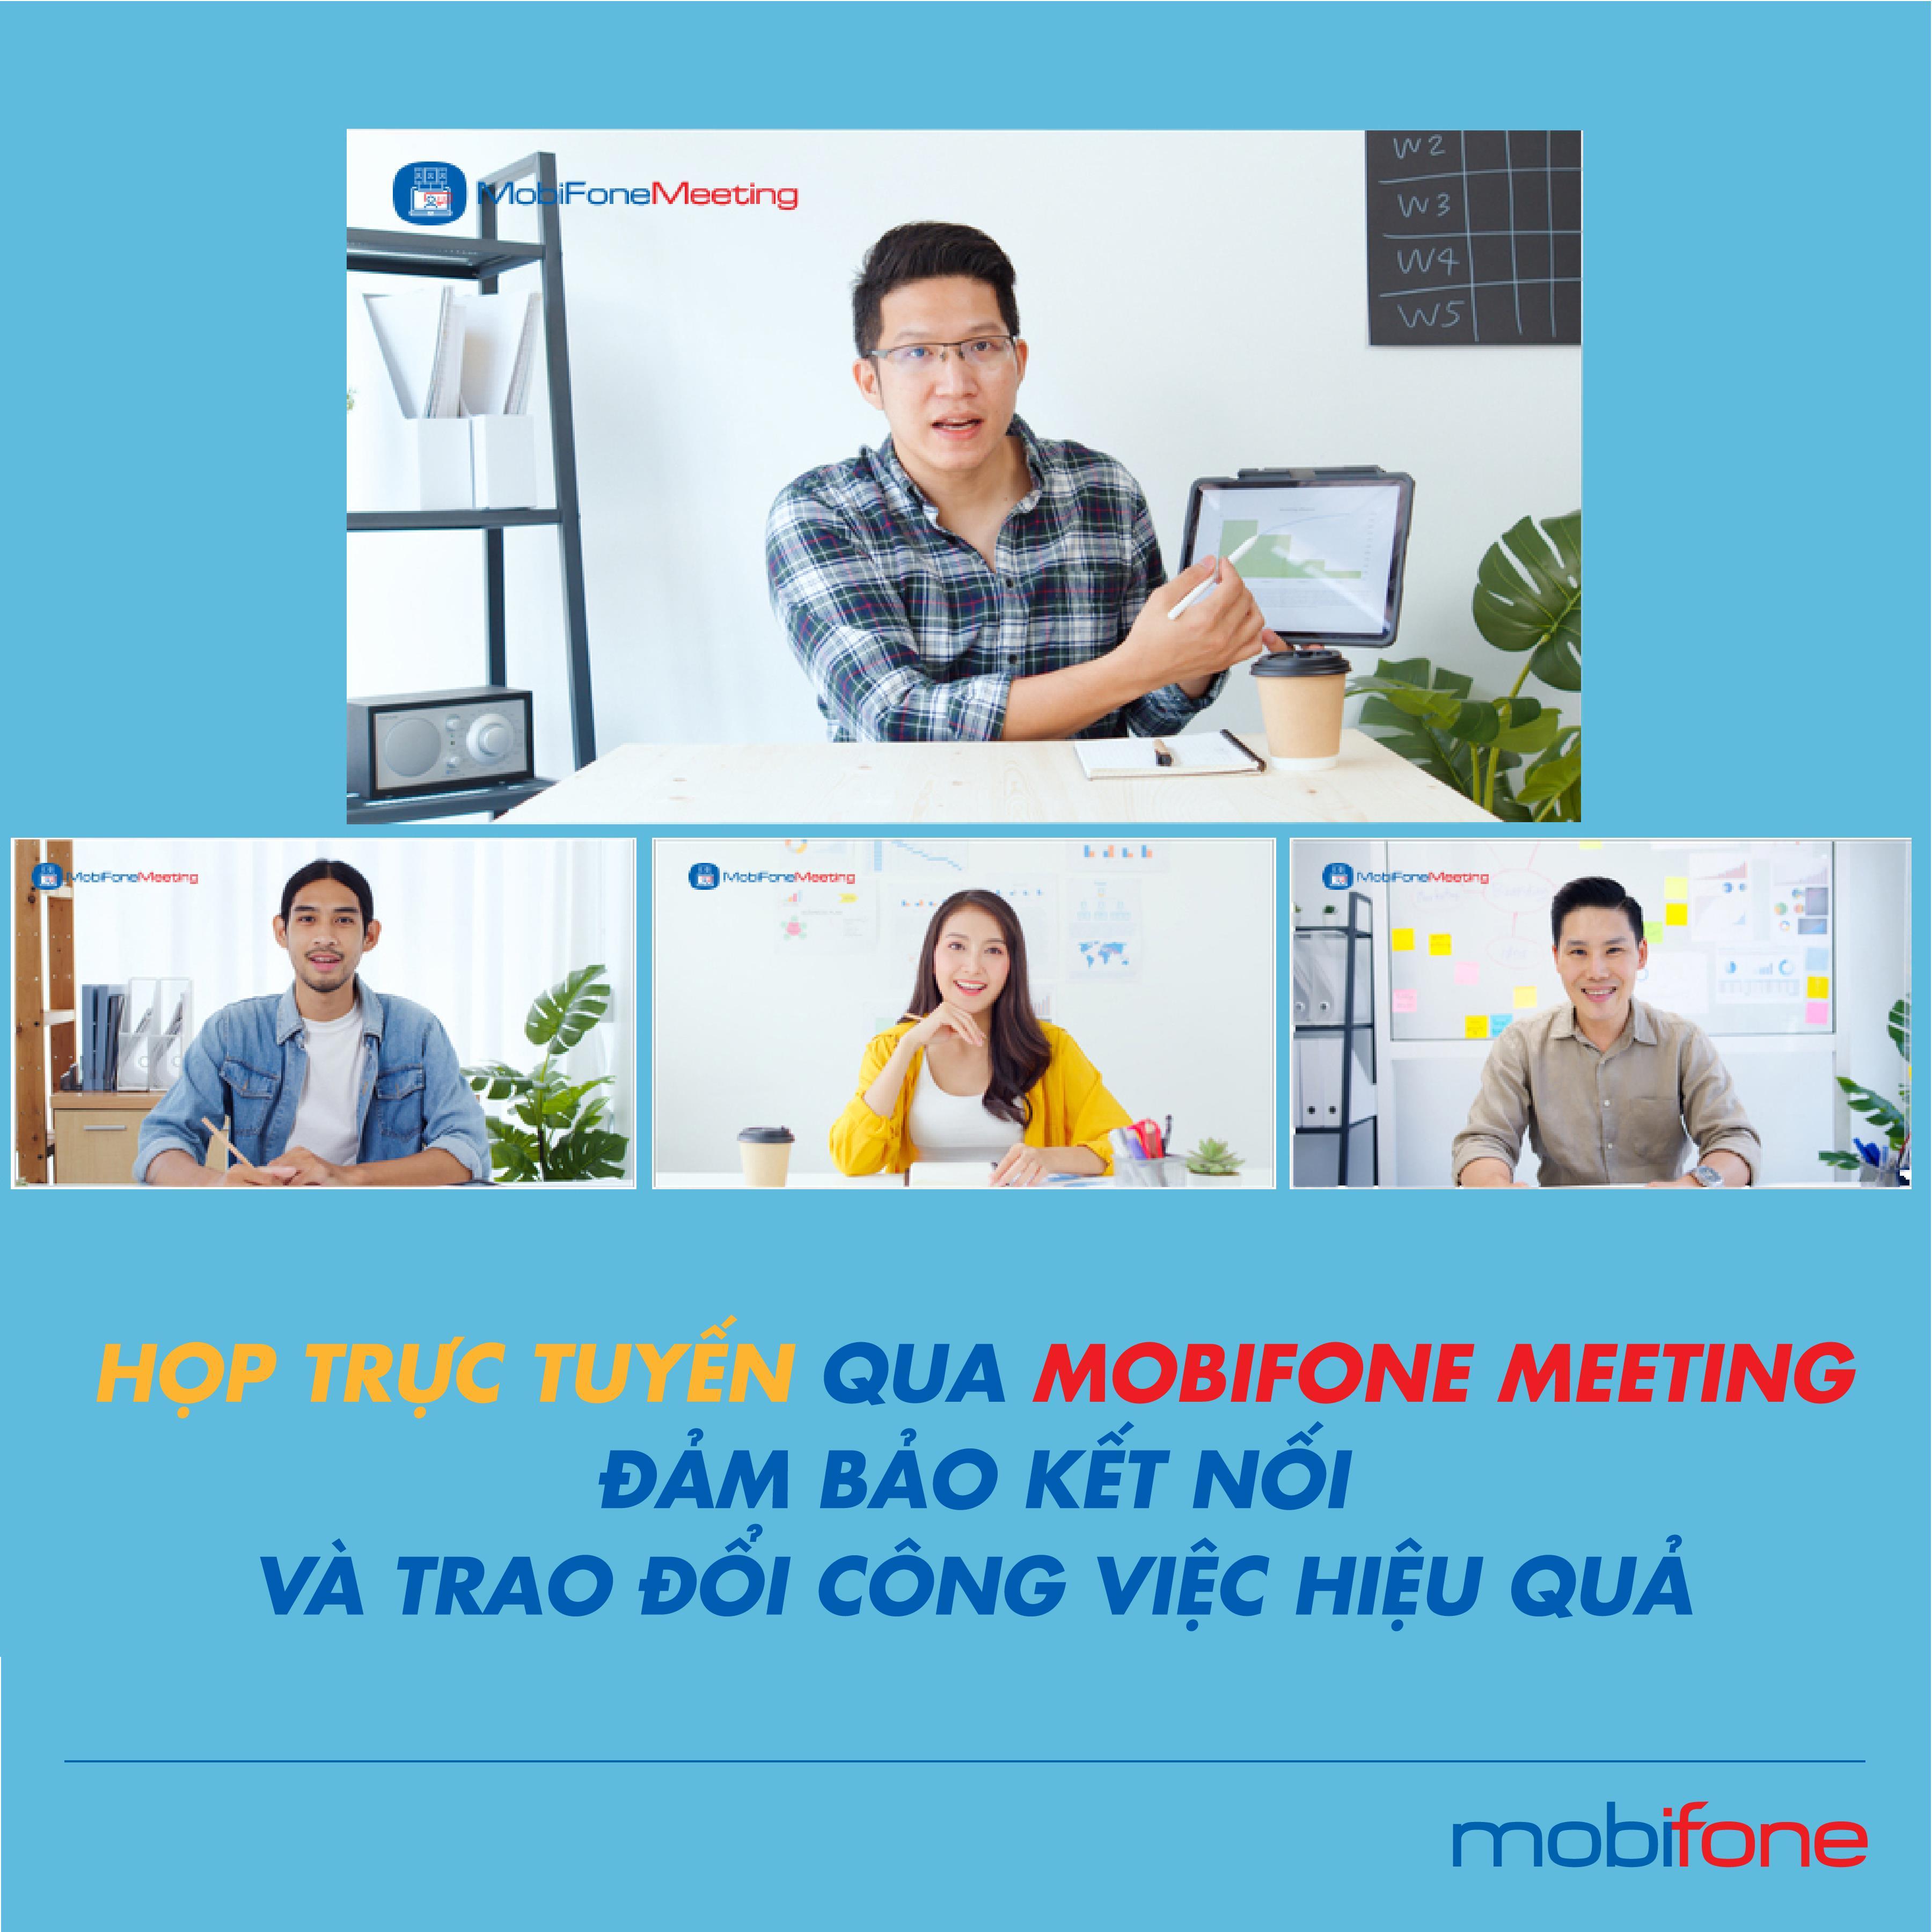 MobiFone đẩy mạnh các sản phẩm dịch vụ, đồng hành cùng mục tiêu kép của Chính phủ - Ảnh 1